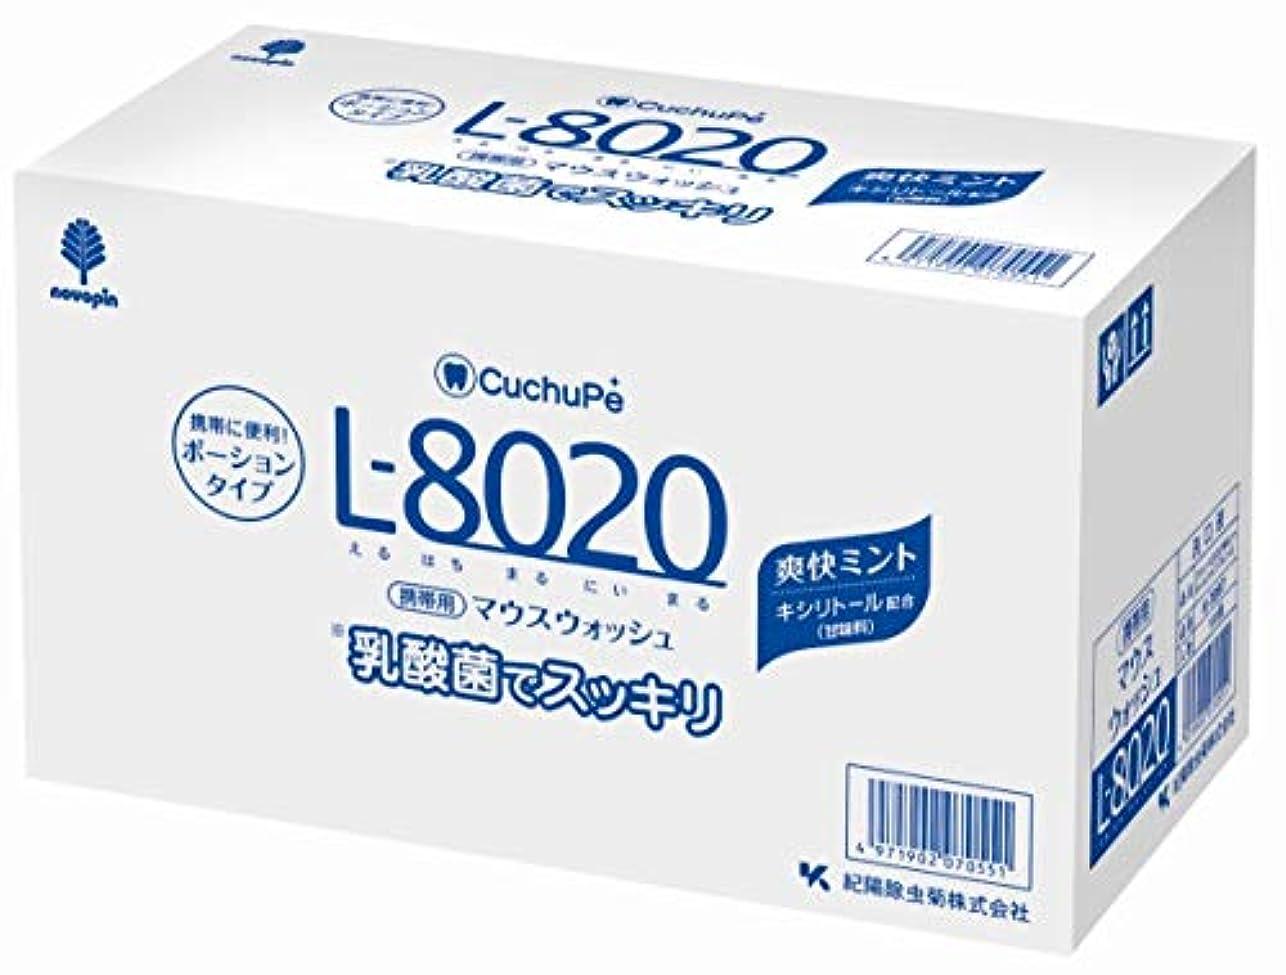 飛行場区暖かさ日本製 made in japan クチュッペL-8020 爽快ミント ポーションタイプ100個入(アルコール) K-7097【まとめ買い10個セット】